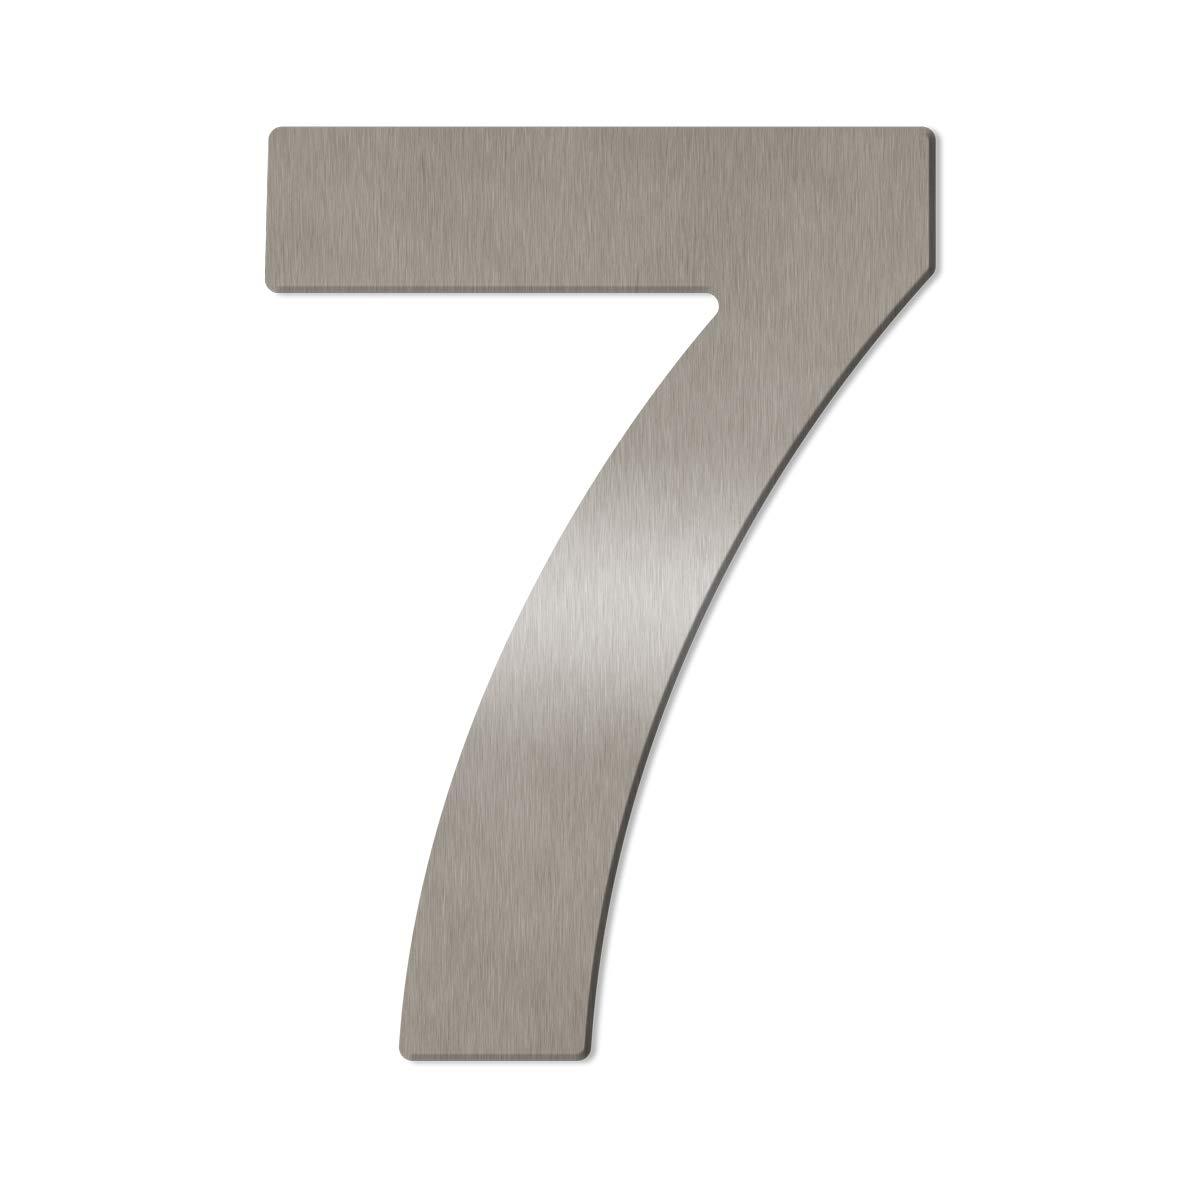 8 inkl fein geb/ürstet Montagematerial//H: 200mm // Farbe: silber Gro/ße Thorwa/® Design Edelstahl Hausnummer